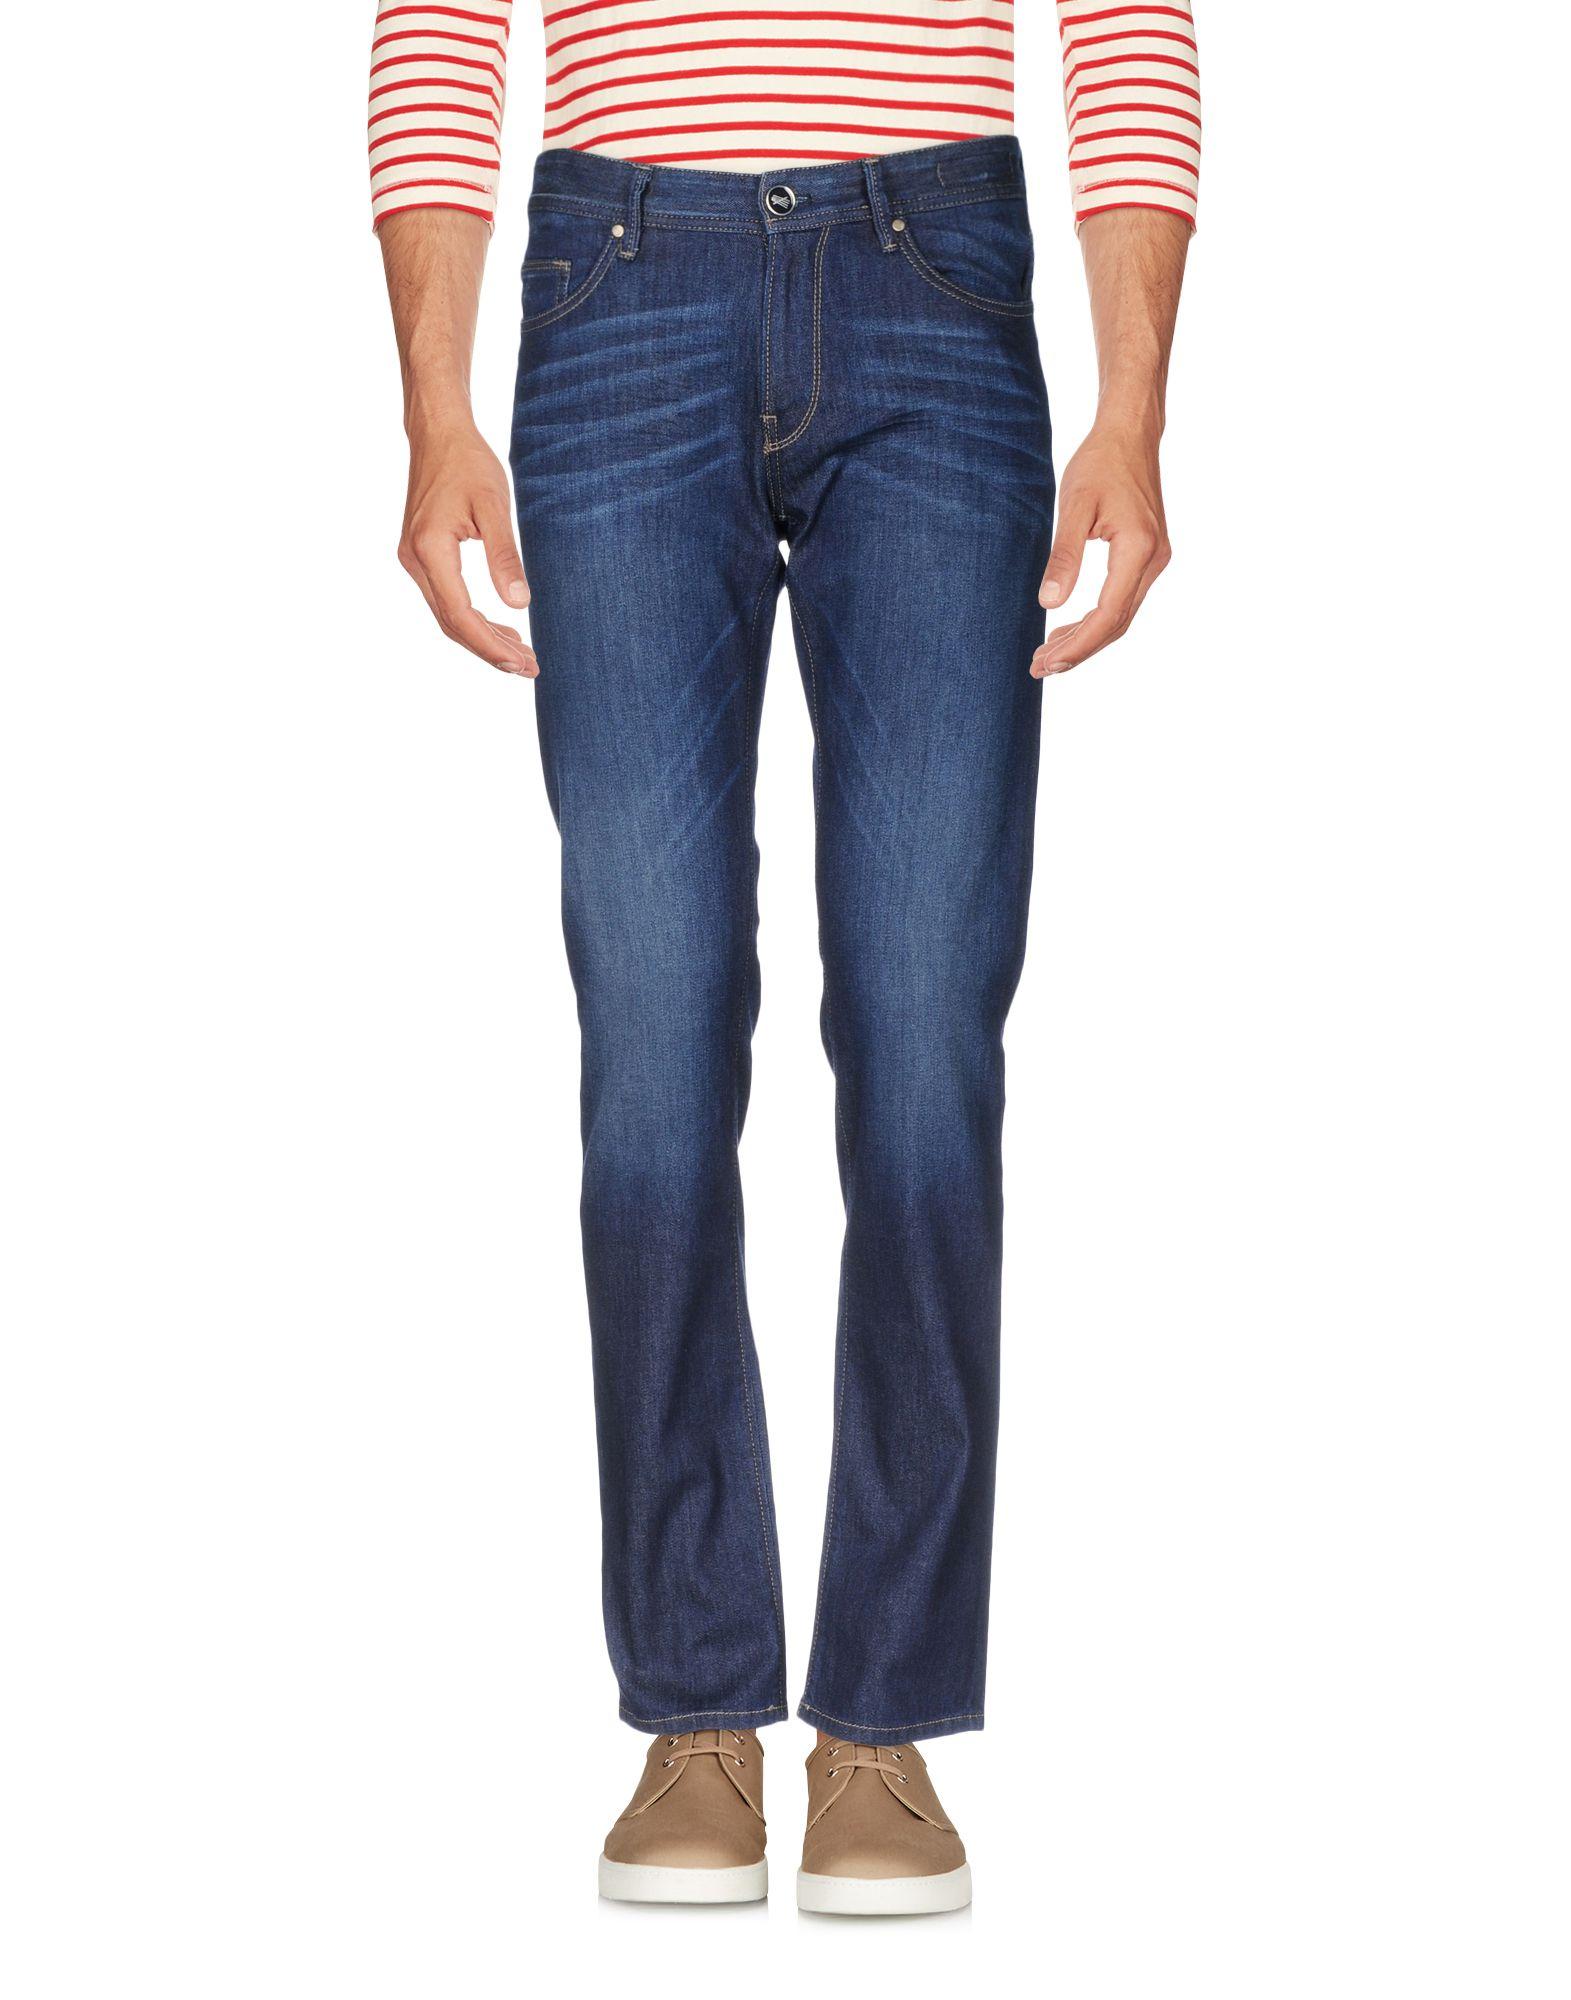 《送料無料》PT05 メンズ ジーンズ ブルー 32 コットン 92% / エメリー 6% / ポリウレタン 2%